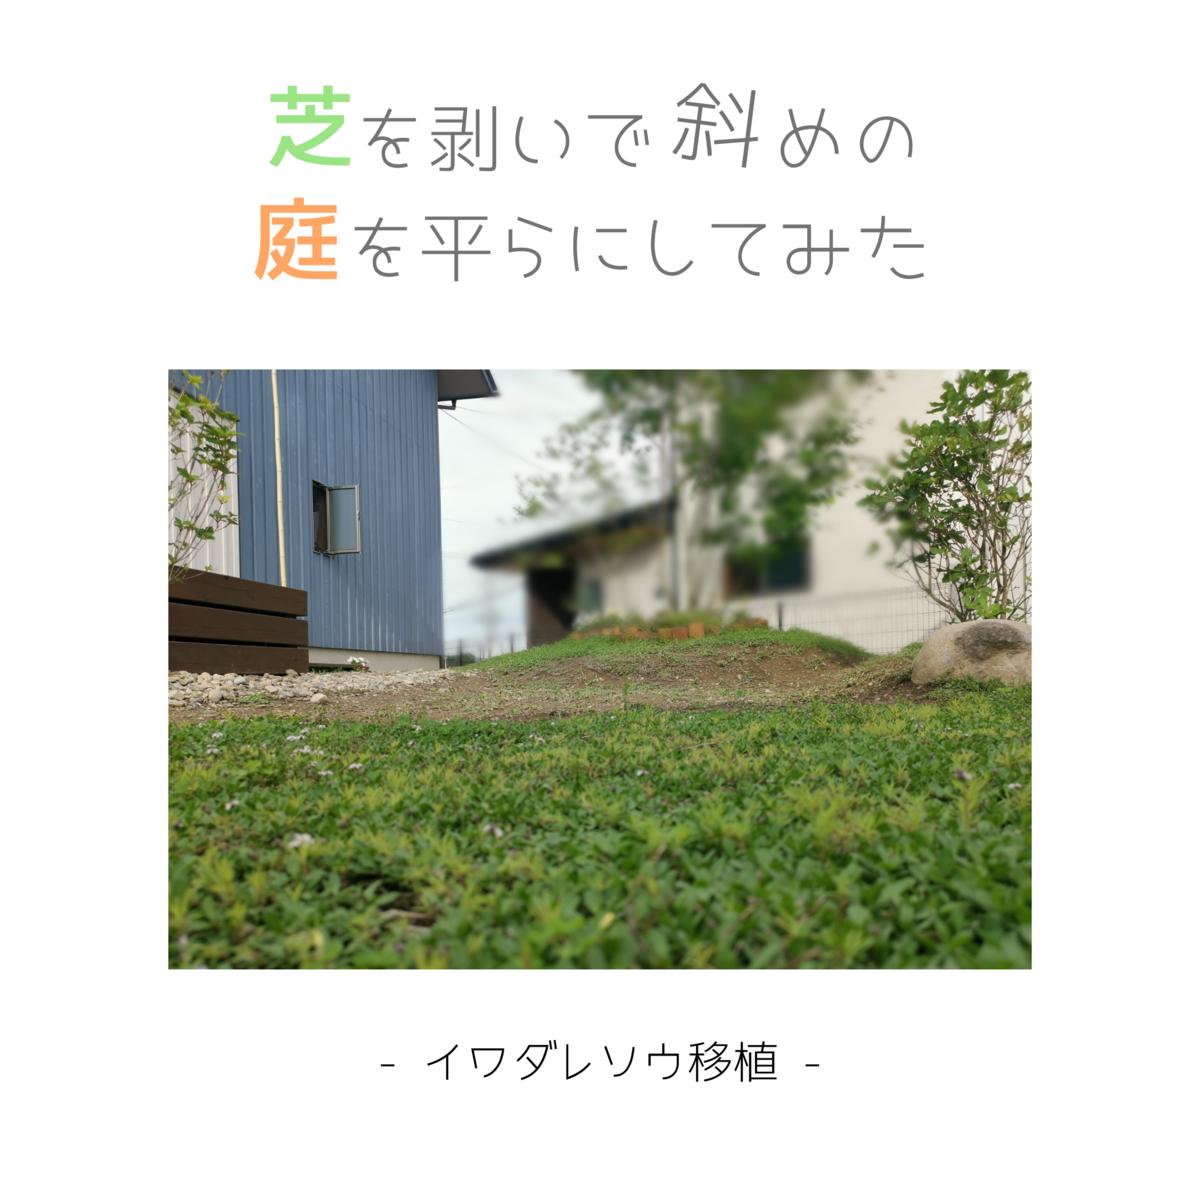 芝を剥いで斜めの庭を平にしてみた-イワダレソウ移植-